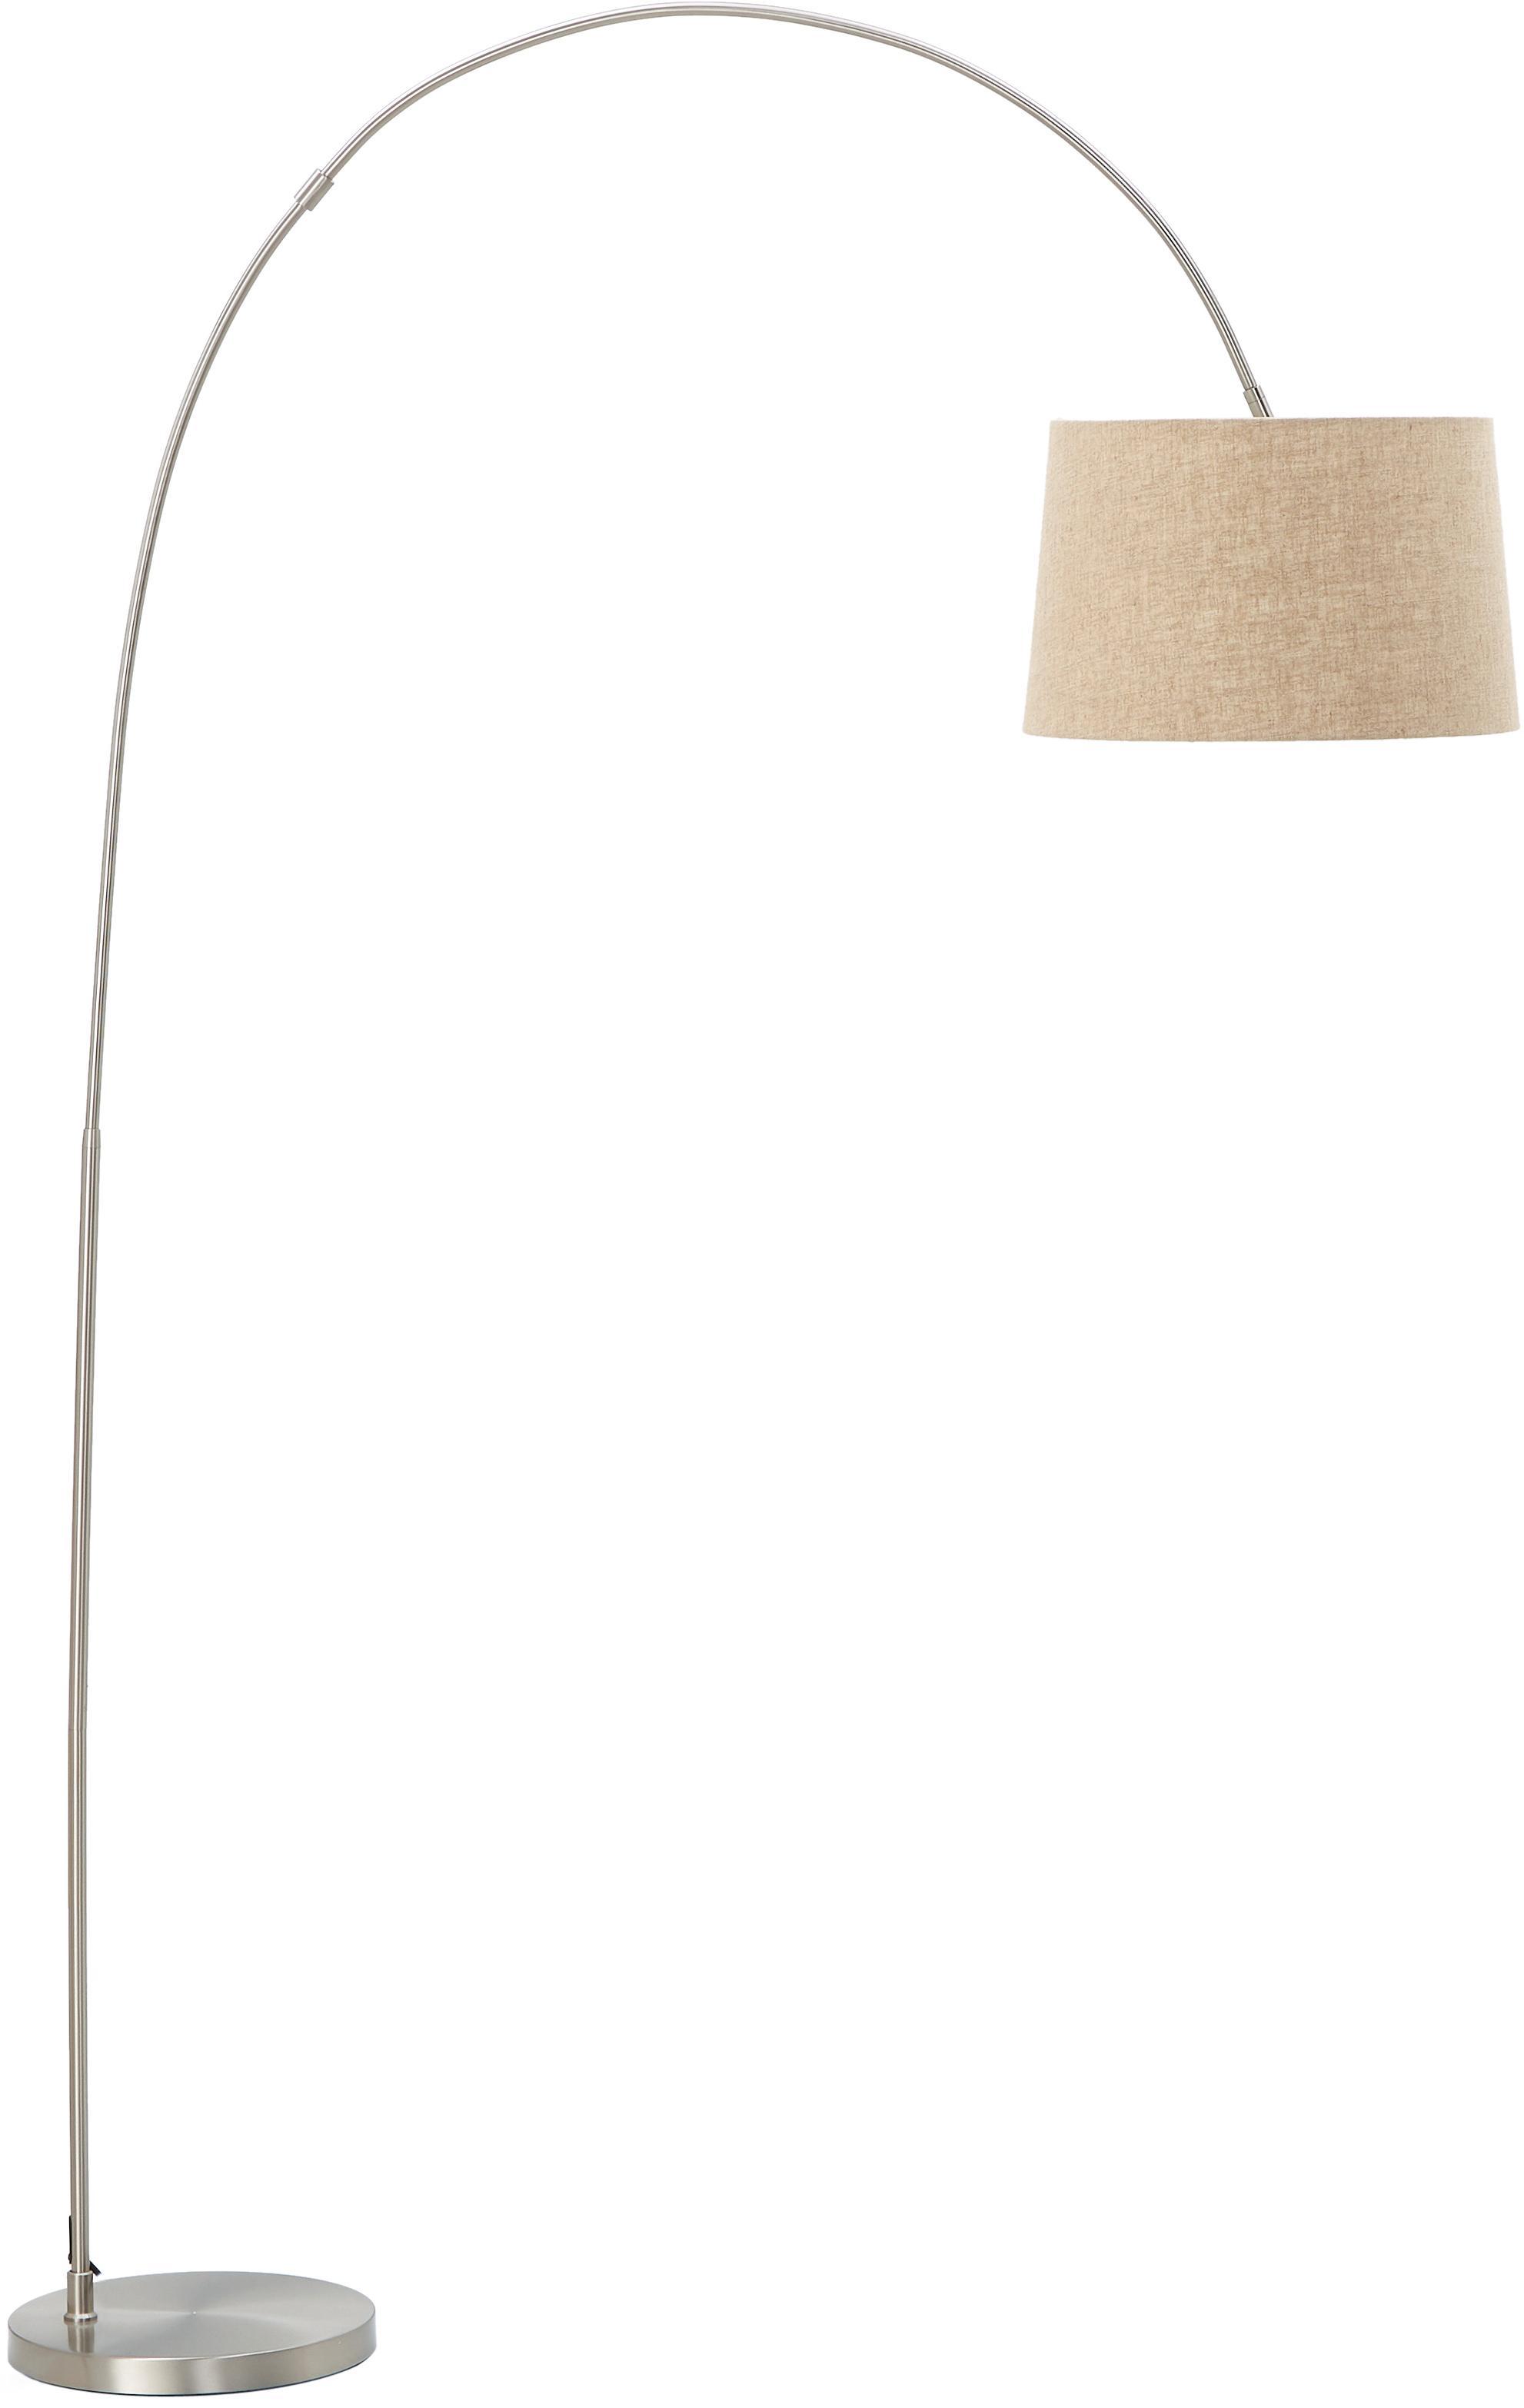 Booglamp Laurence, Lampenkap: katoenmix, Lampvoet: geborsteld metaal, Beige, zilverkleurig, Ø 40 x H 188 cm